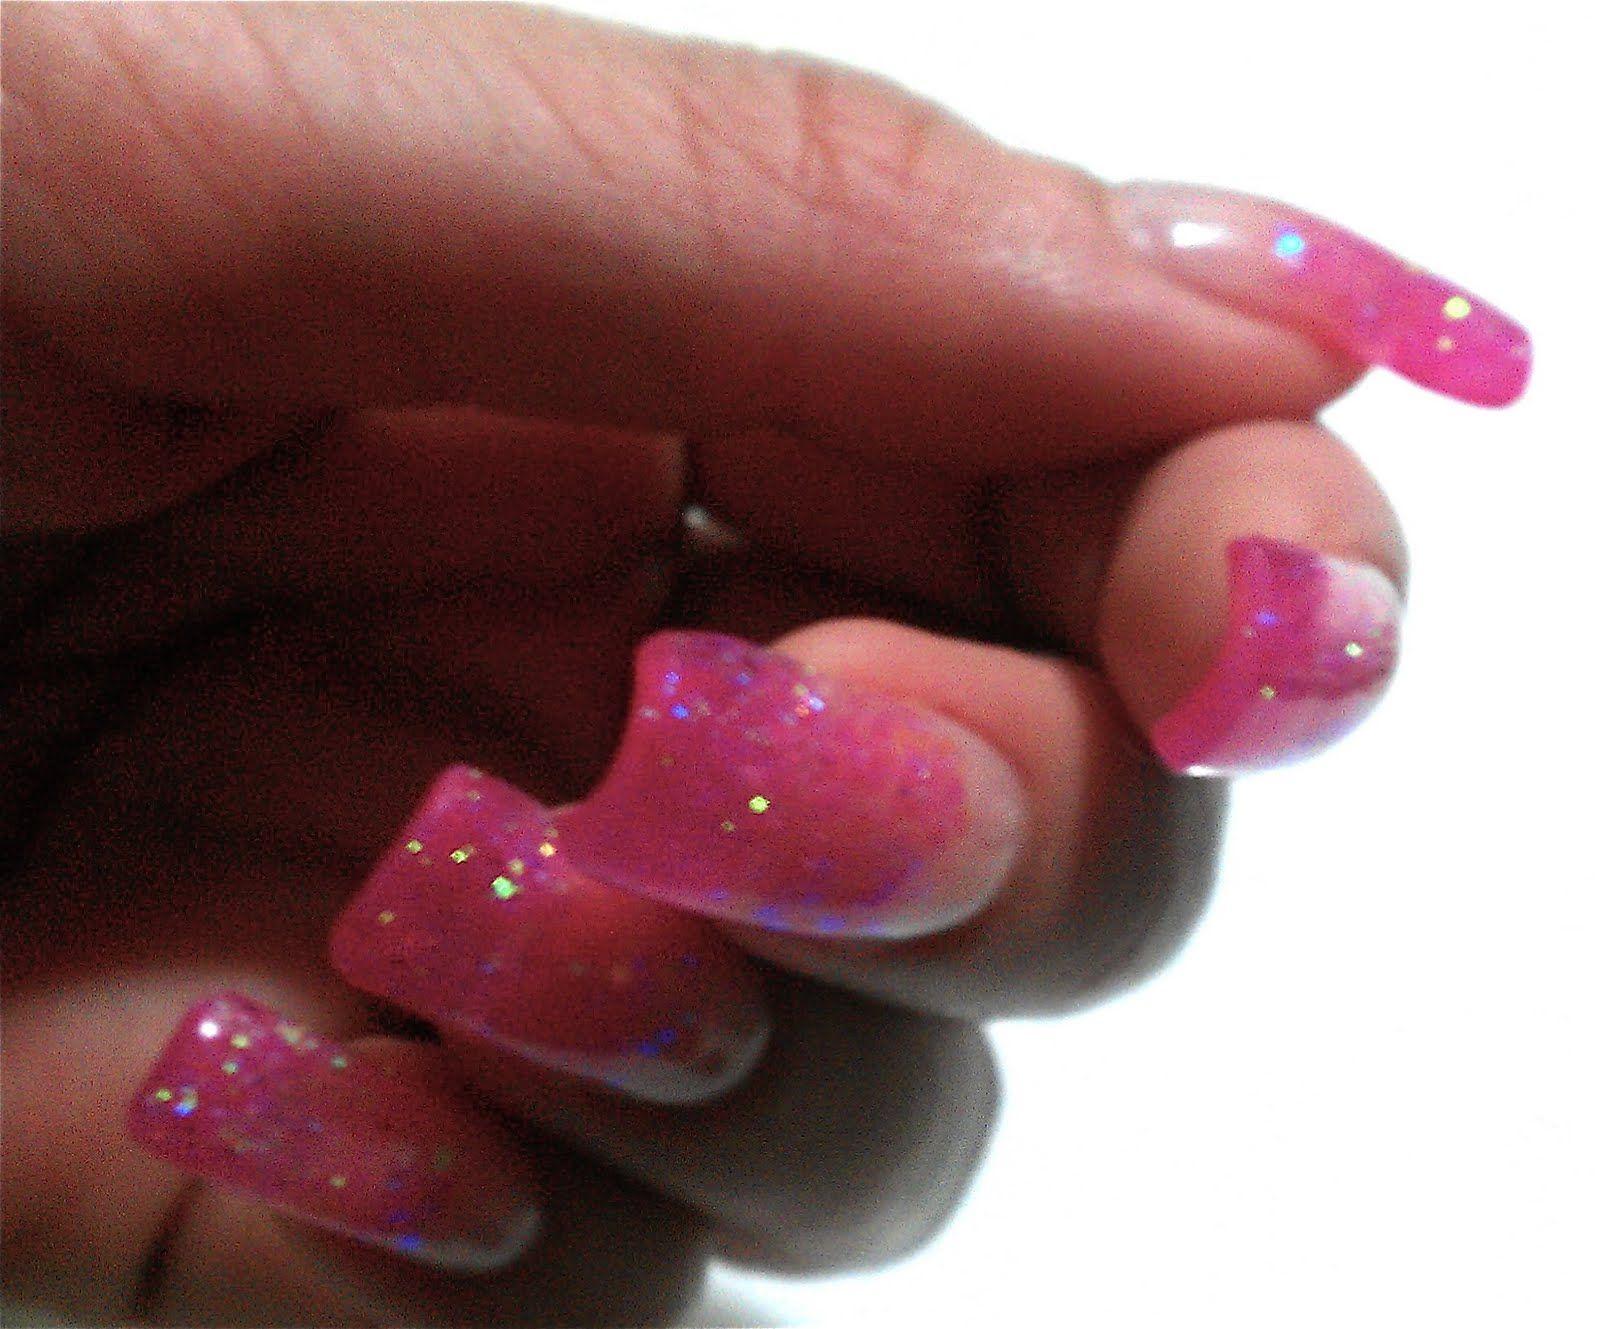 Glitter Nail Designs | wallpaperxy.com #NailArt #NailArtDesigns ...